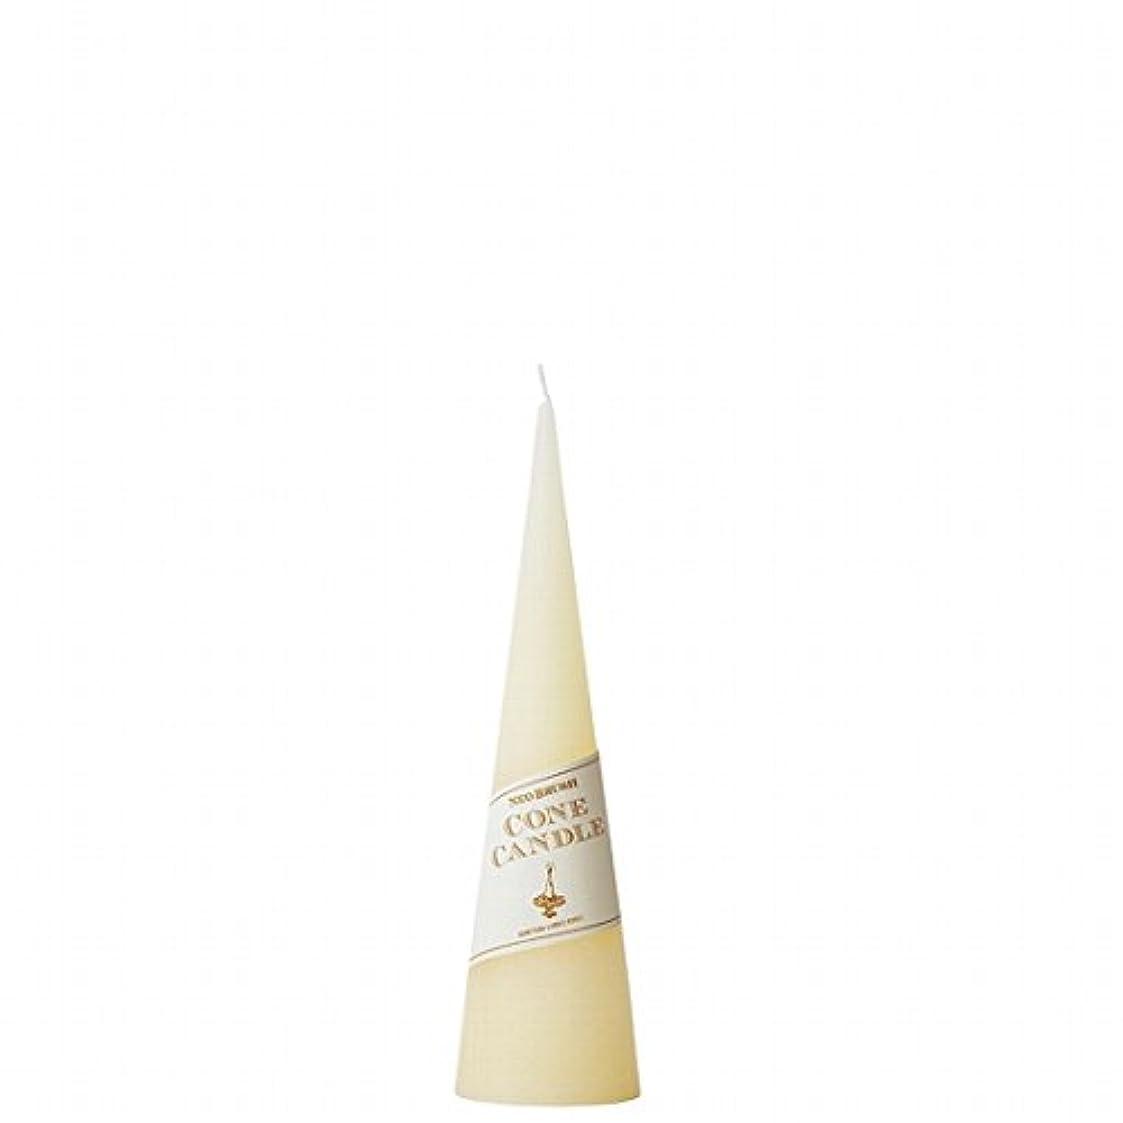 不振矛盾しわカメヤマキャンドル( kameyama candle ) ネオブラッシュコーン 180 キャンドル 「 アイボリー 」